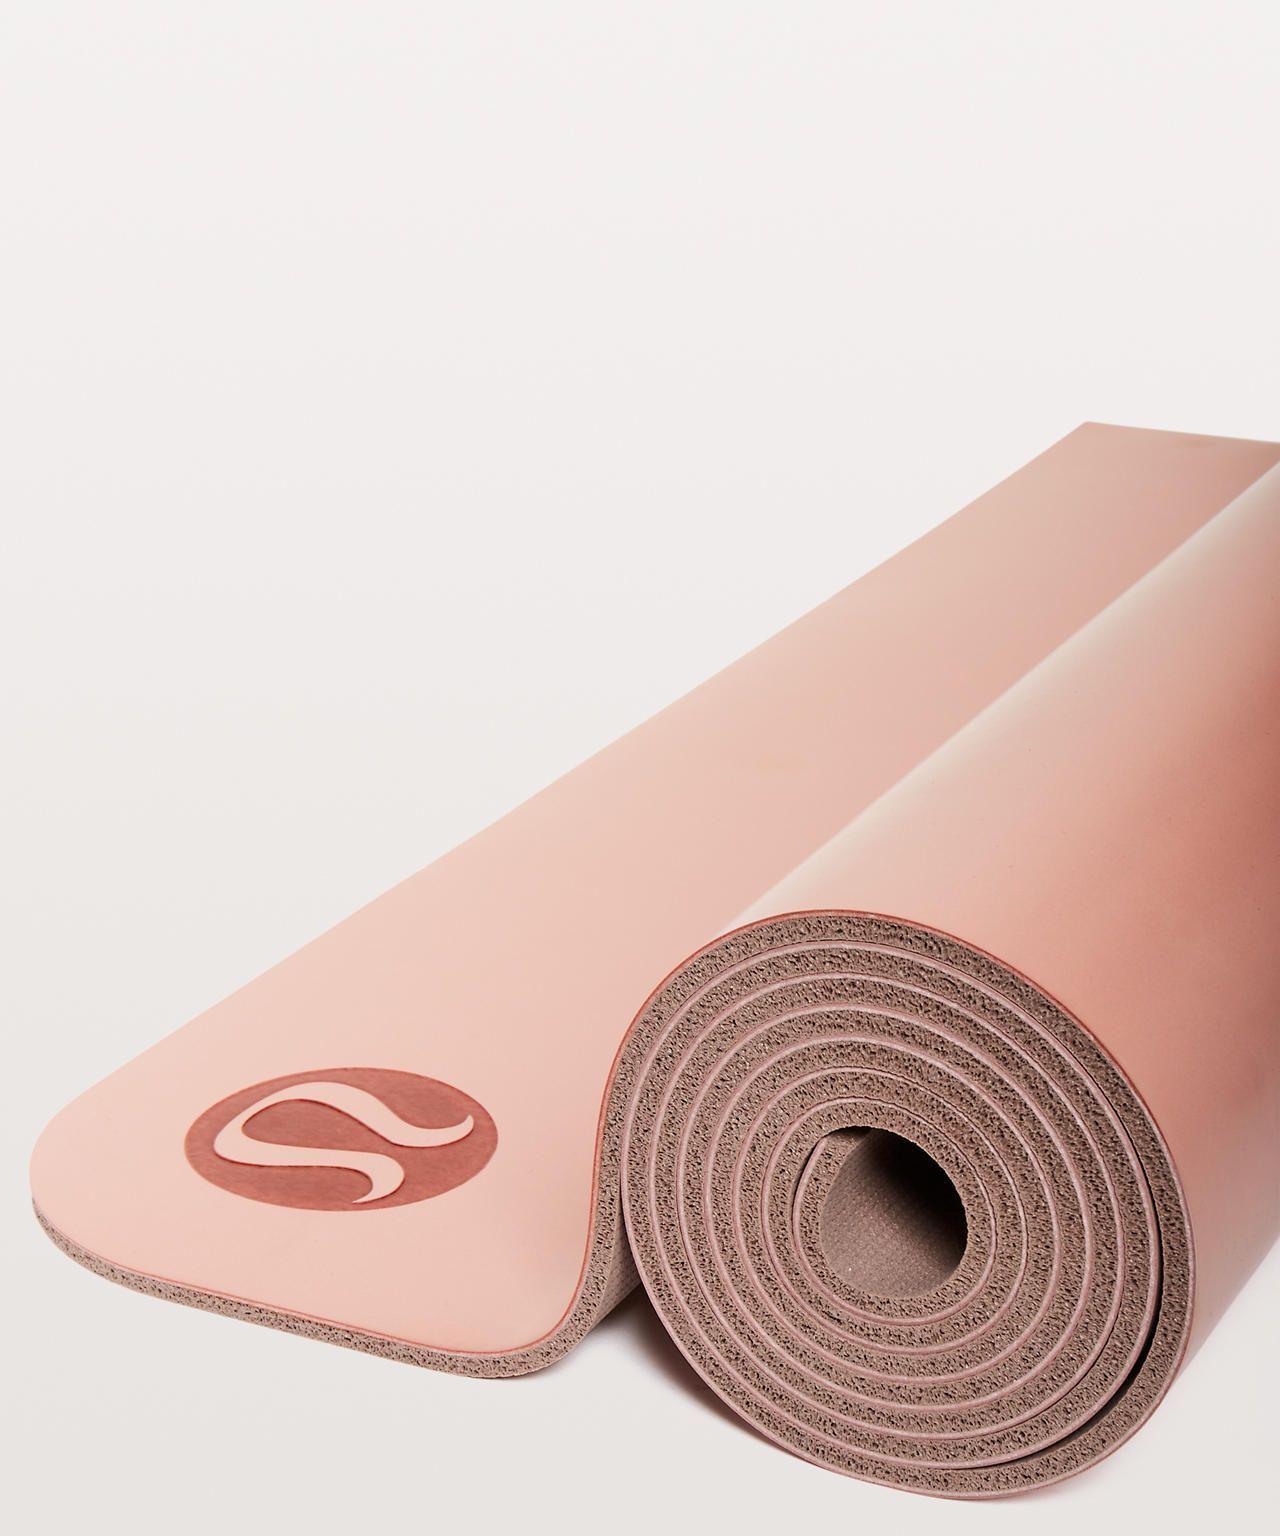 The Reversible Mat 5mm Women S Yoga Mats Lululemon Athletica In 2020 Lululemon Yoga Mat Yoga Mat Yoga Women